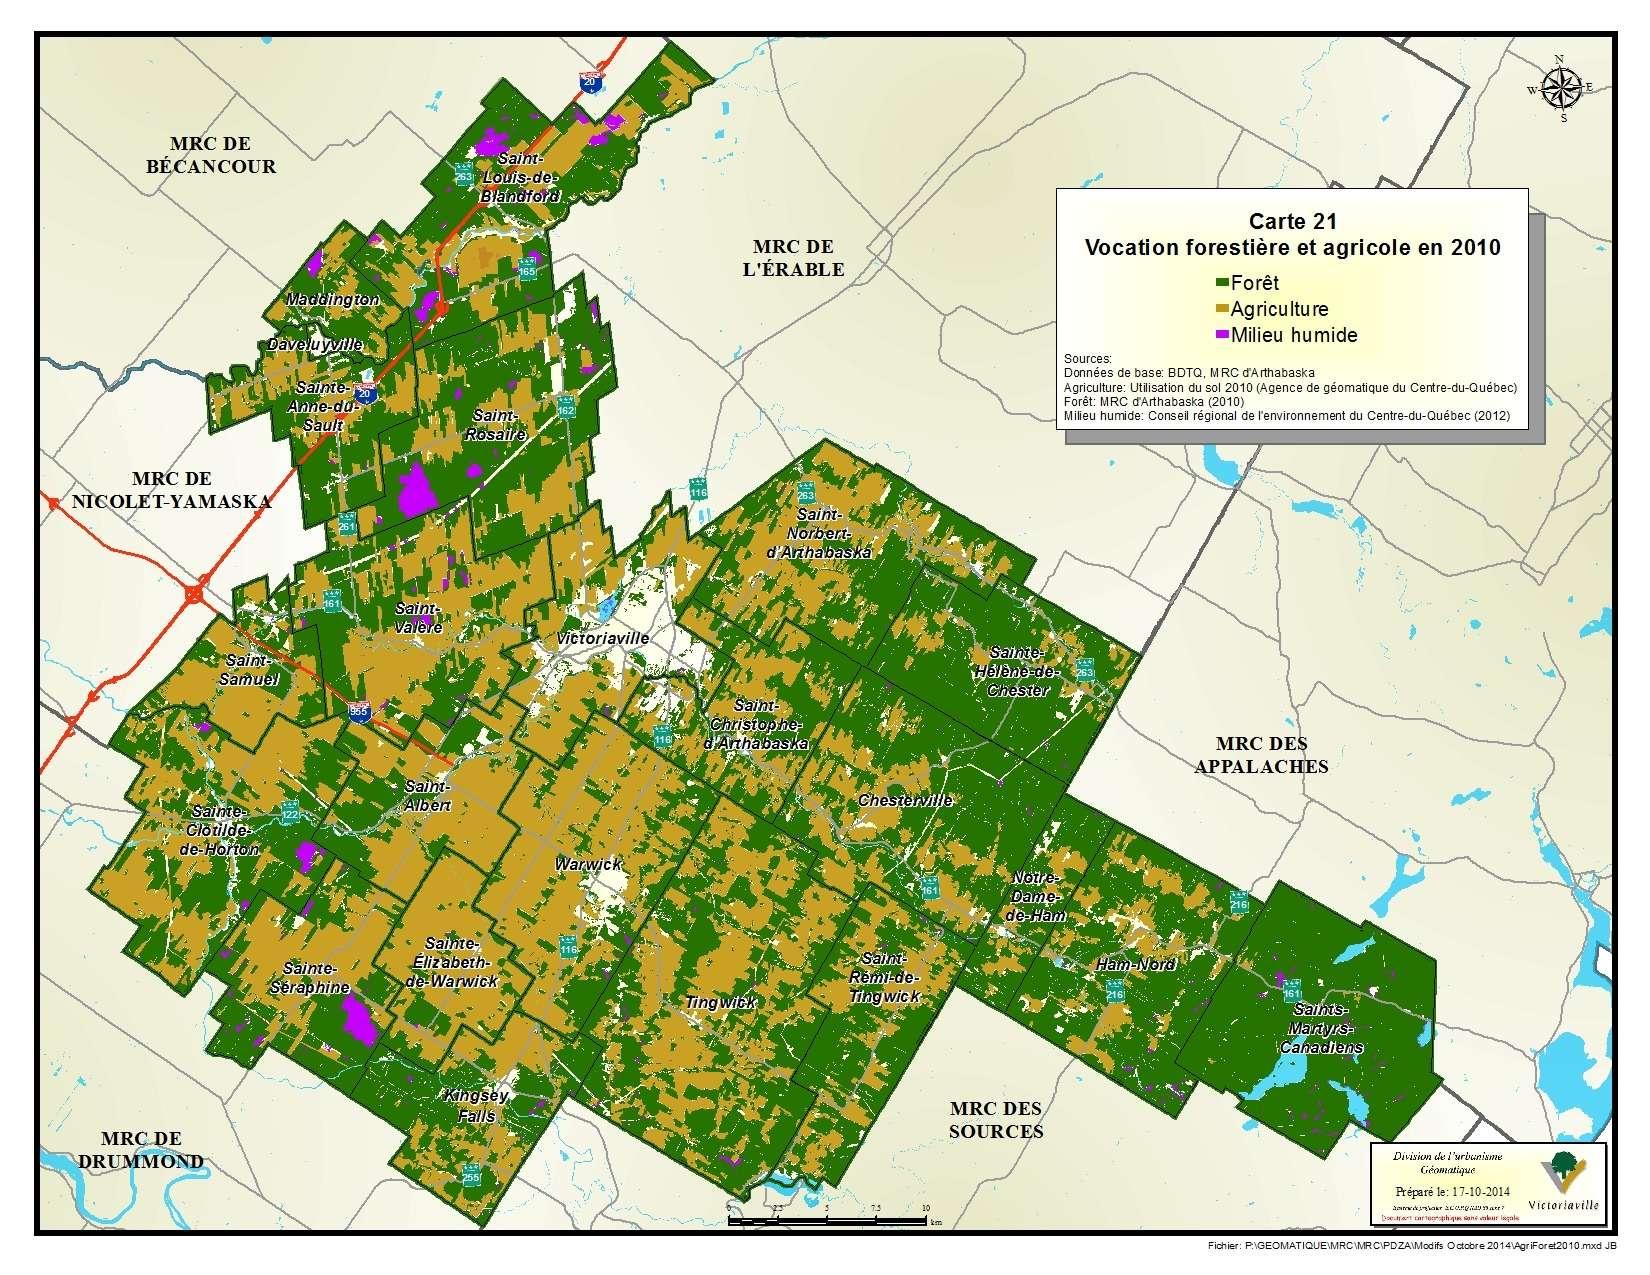 Carte 21 de 23 - Vocation forestière et agricole en 2010